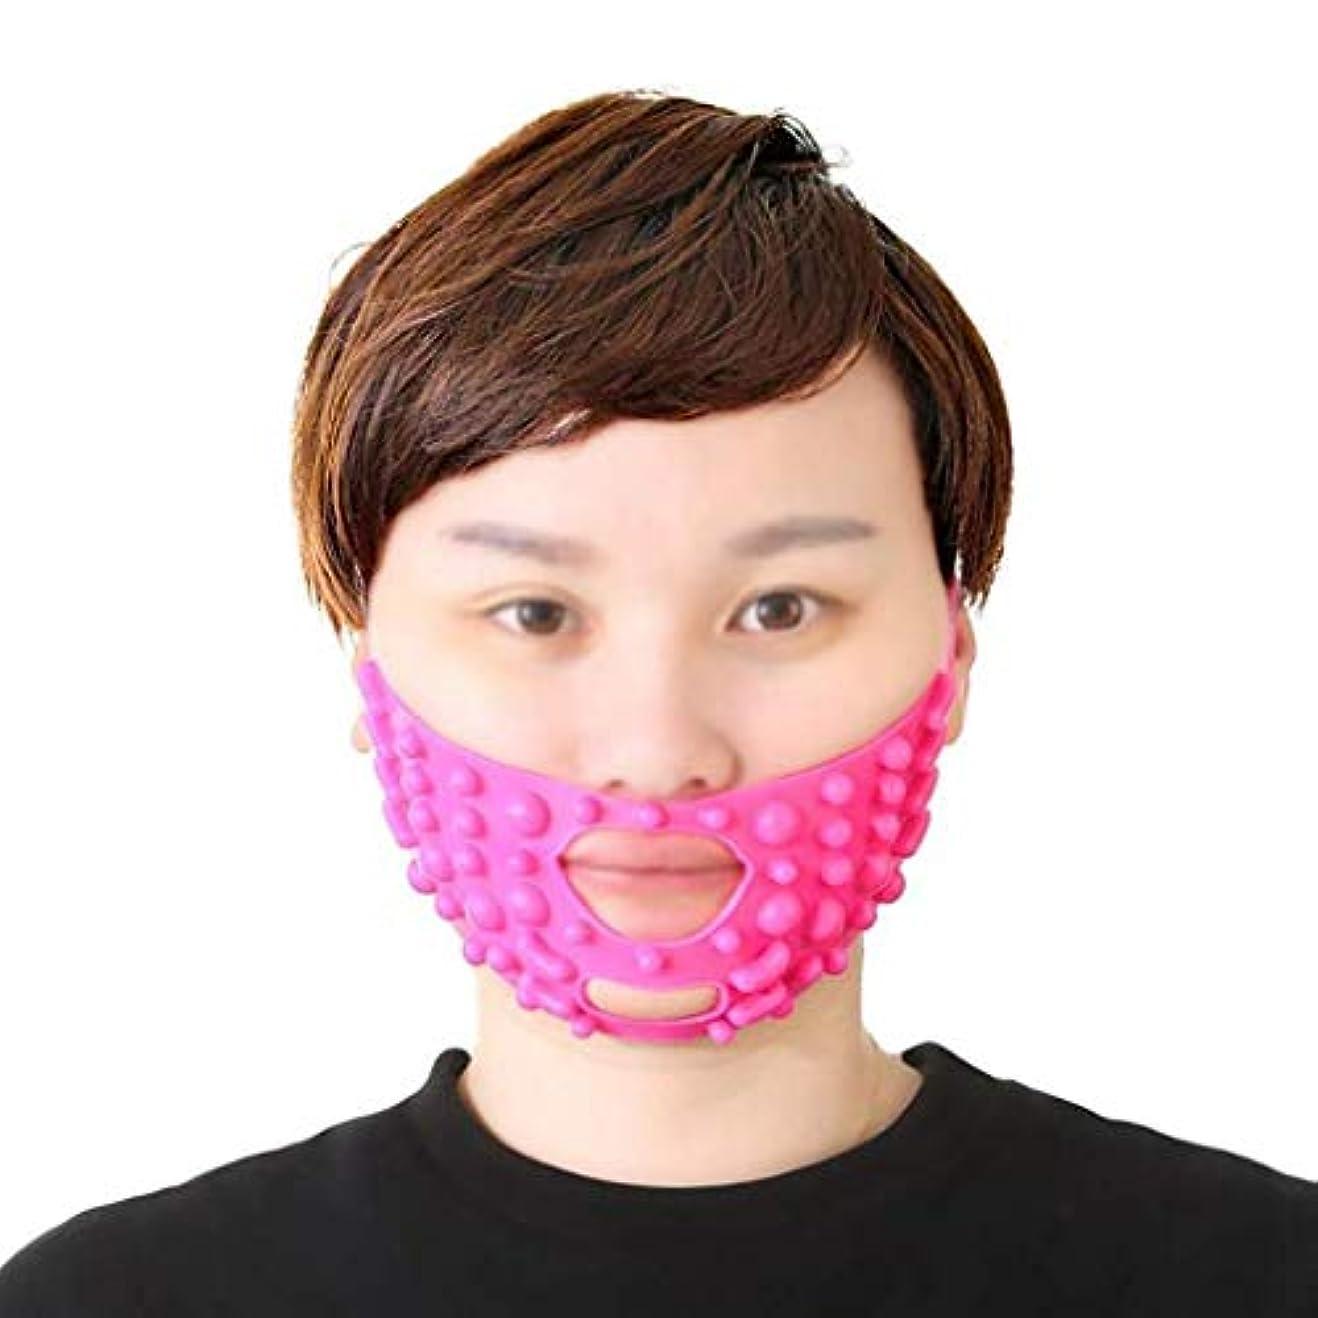 暗殺するジャンクション周りフェイスリフトマスク、チンストラップシリコーンVフェイスマスクフェイスマスク強力な包帯V顔アーティファクトスモールV顔包帯顔と首リフトピンクシリコーン包帯